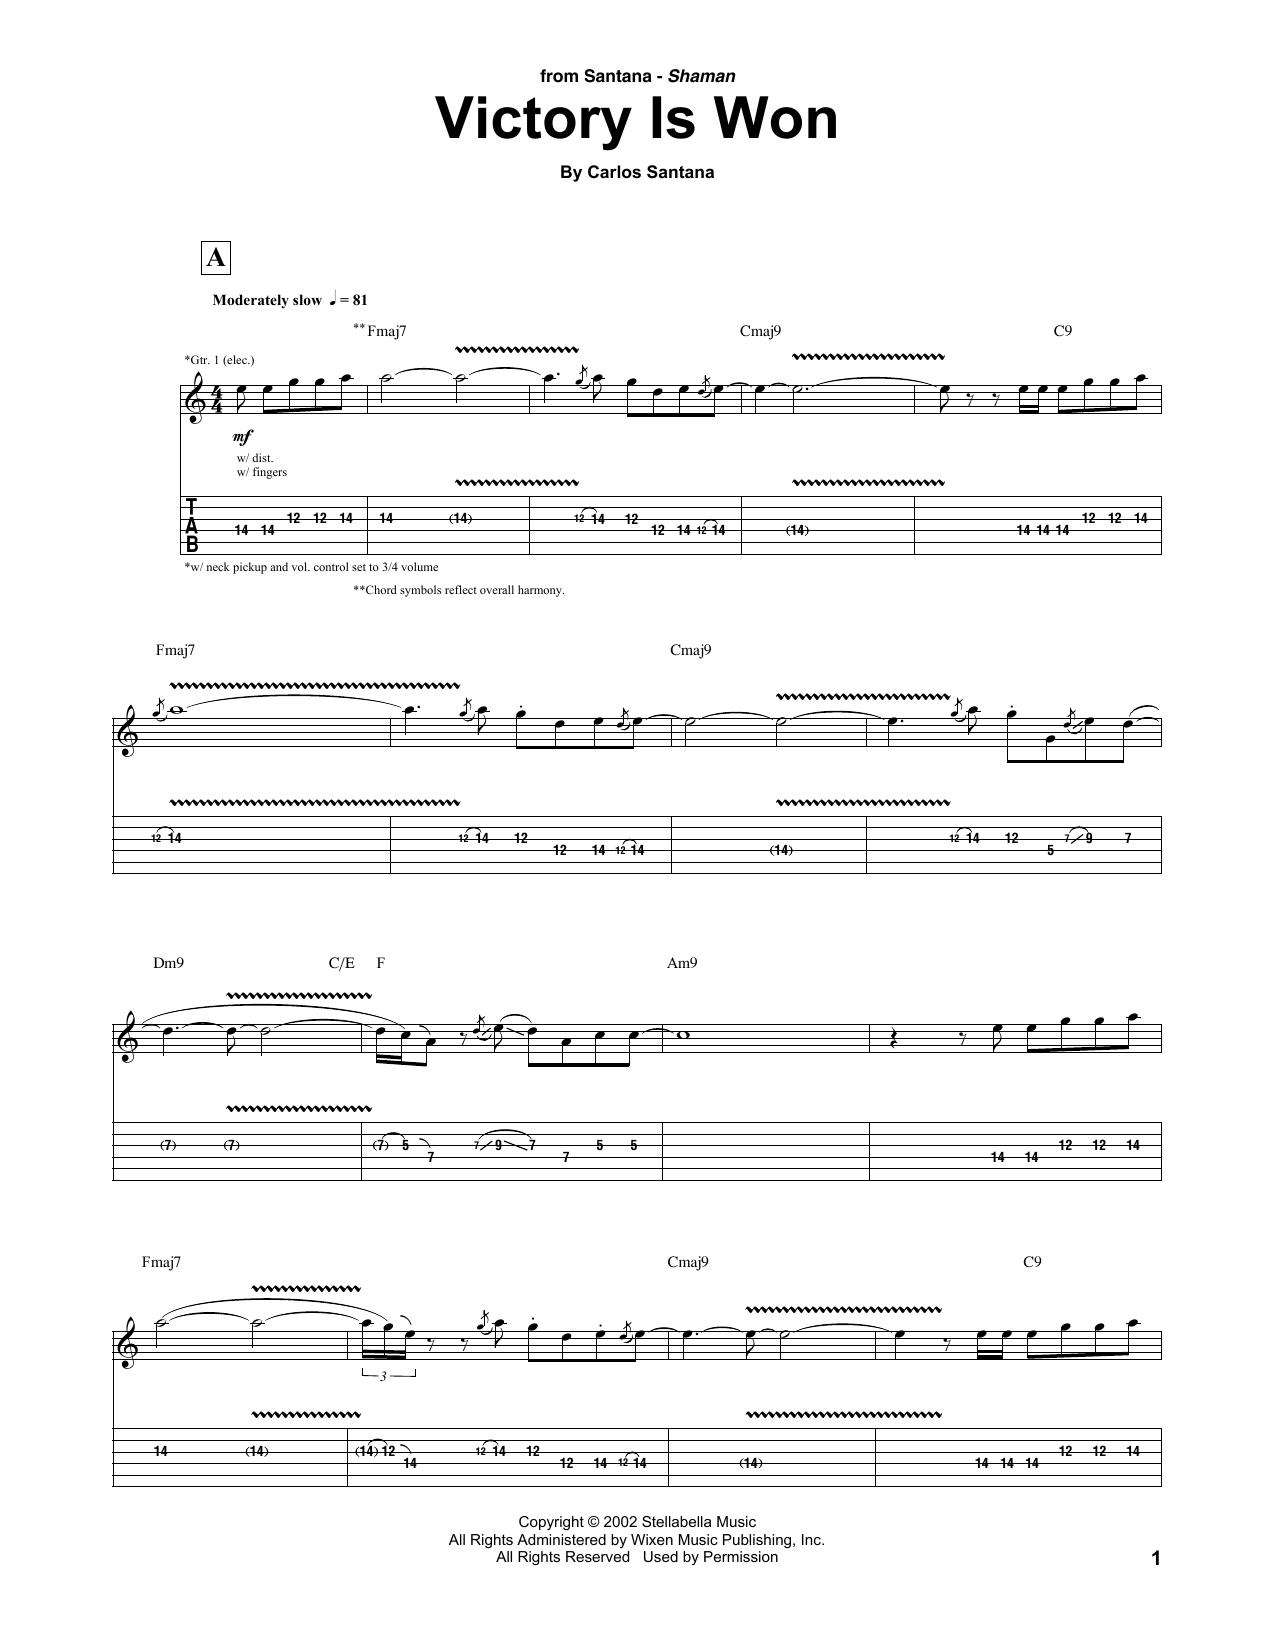 Carlos Santana Victory Is Won sheet music notes and chords. Download Printable PDF.